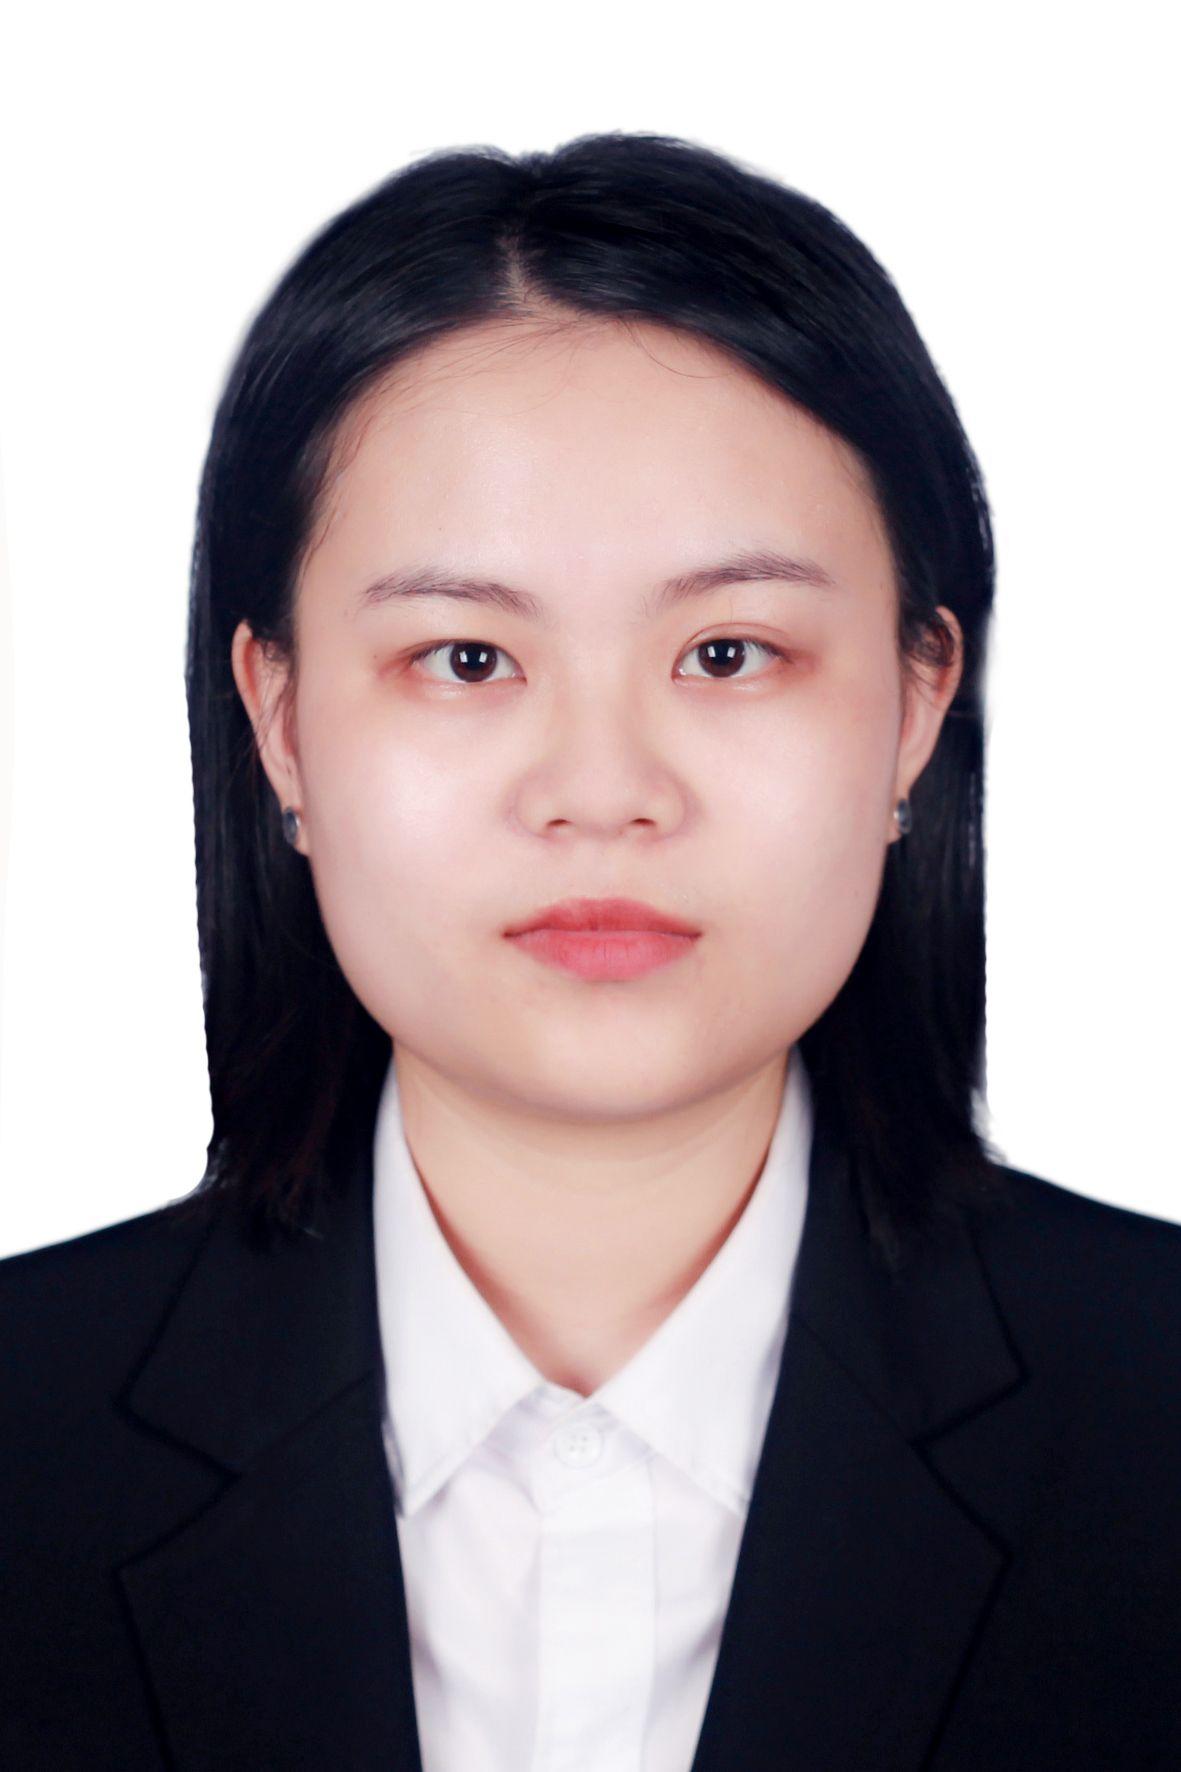 黄先生在★霞浦搜才网/霞浦人才网的个人简历照片展示